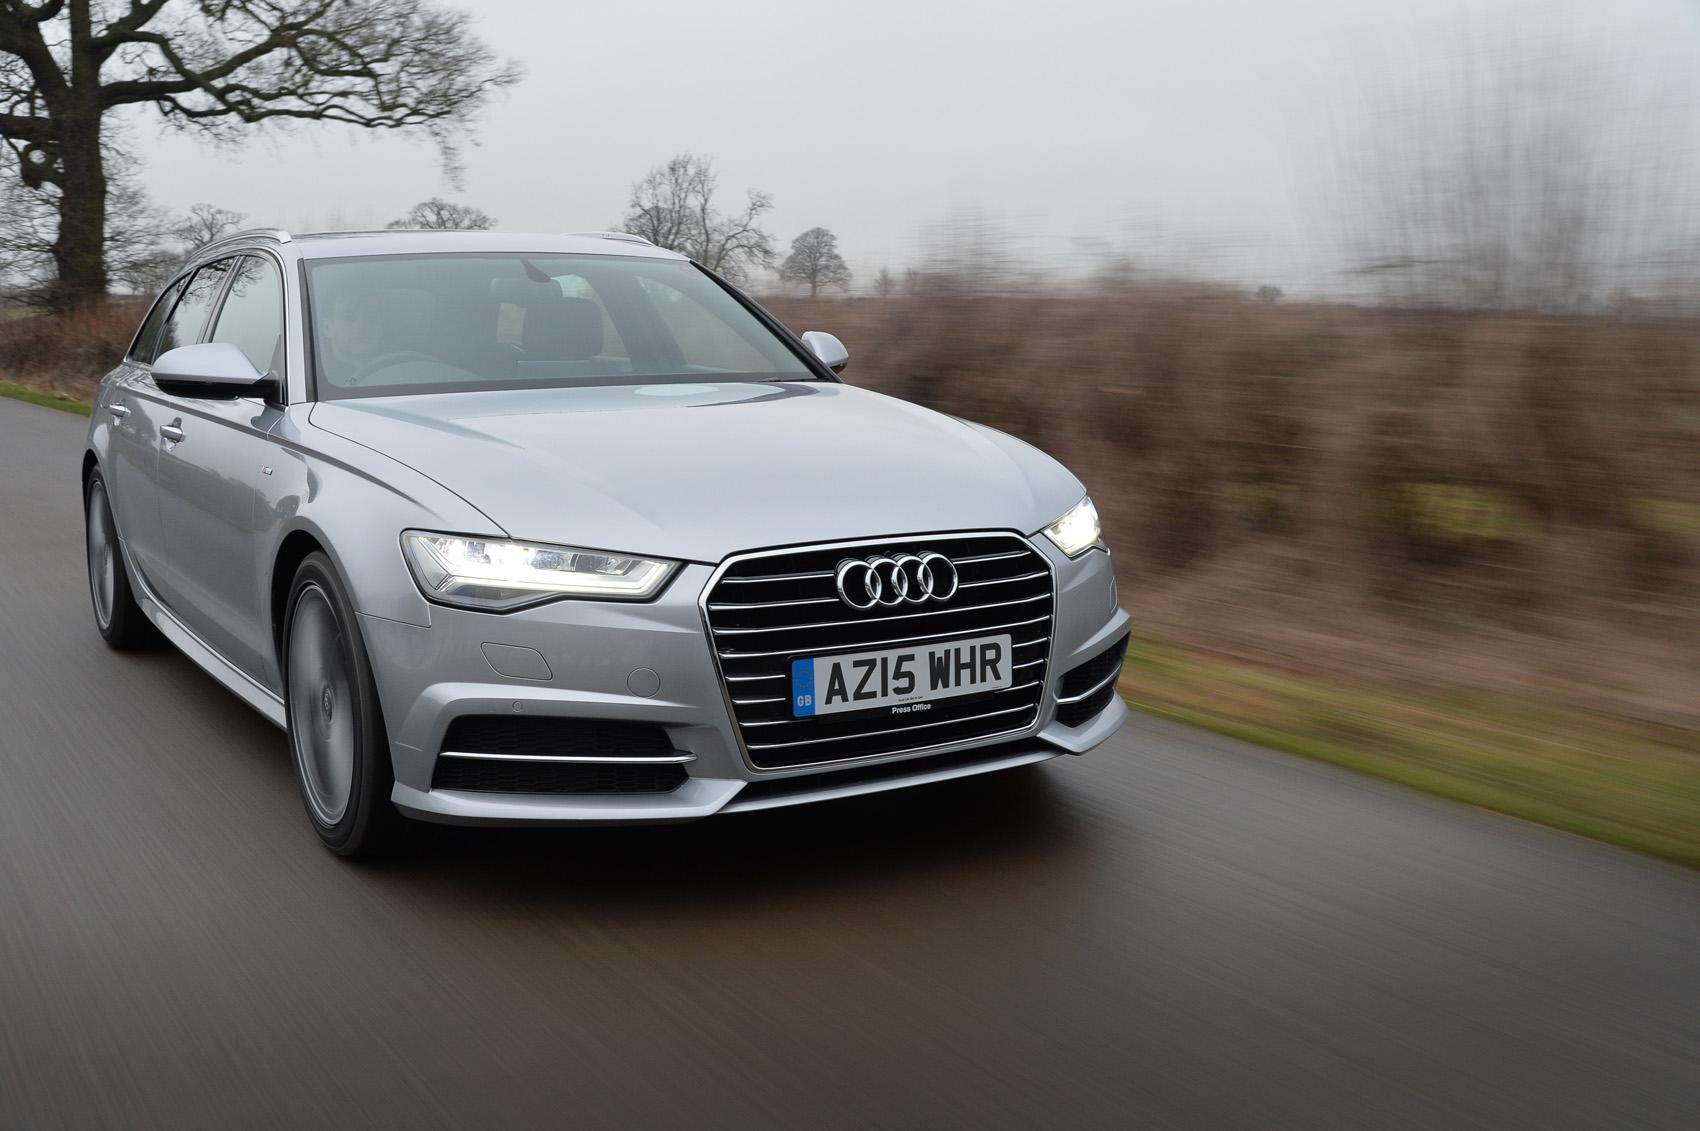 Kelebihan Kekurangan Audi A6 V6 Spesifikasi